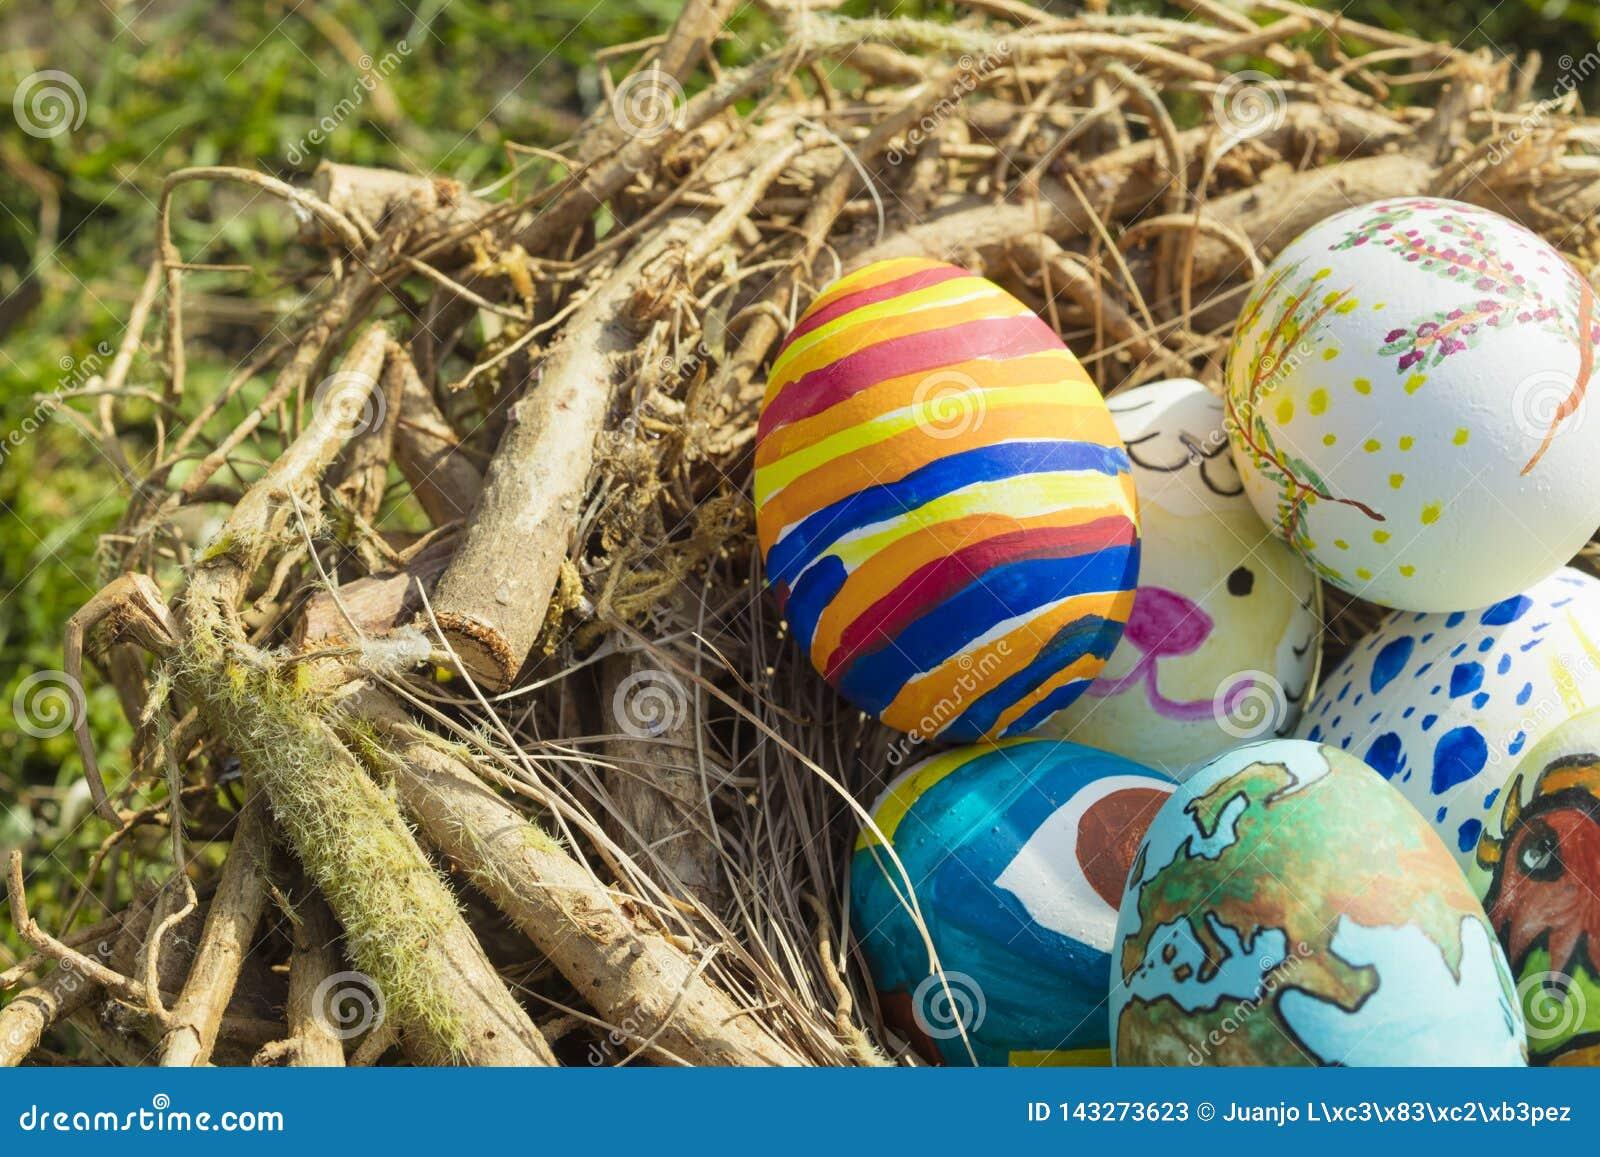 Detalle de los huevos de Pascua pintados con diversas formas, las historietas y los colores brillantes puestos en una jerarquía d